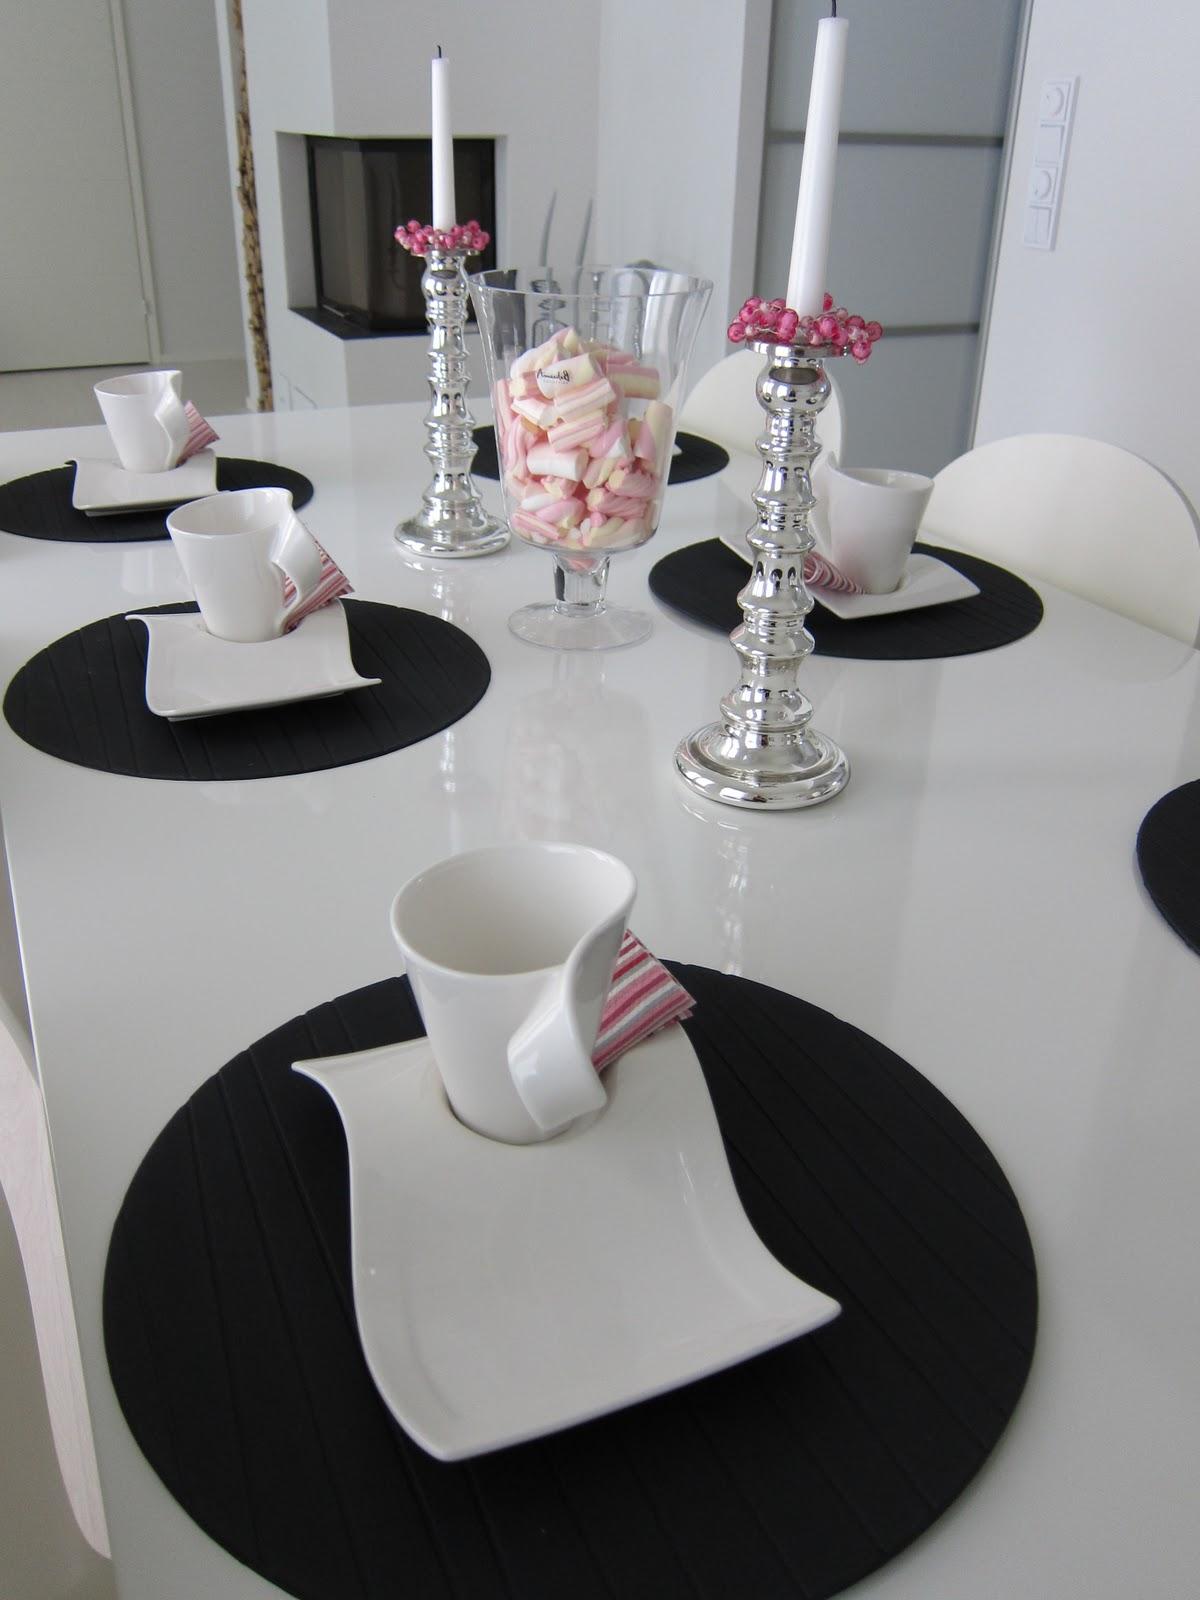 hebbinens villeroy boch new wave. Black Bedroom Furniture Sets. Home Design Ideas